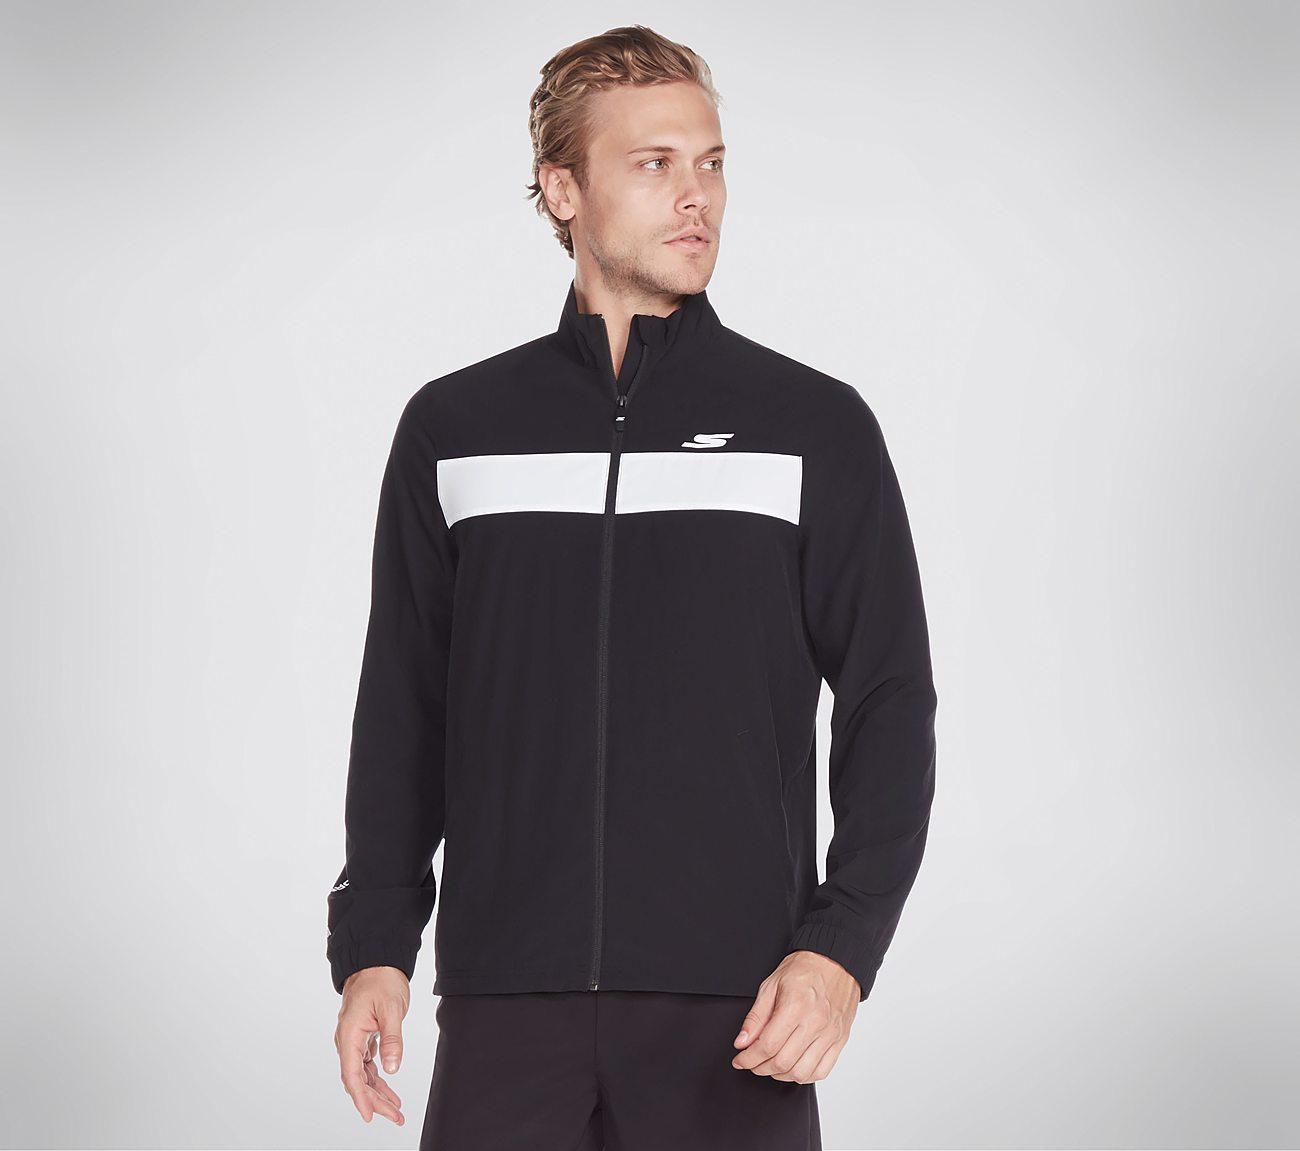 Skechers Apparel Weekend Jacket